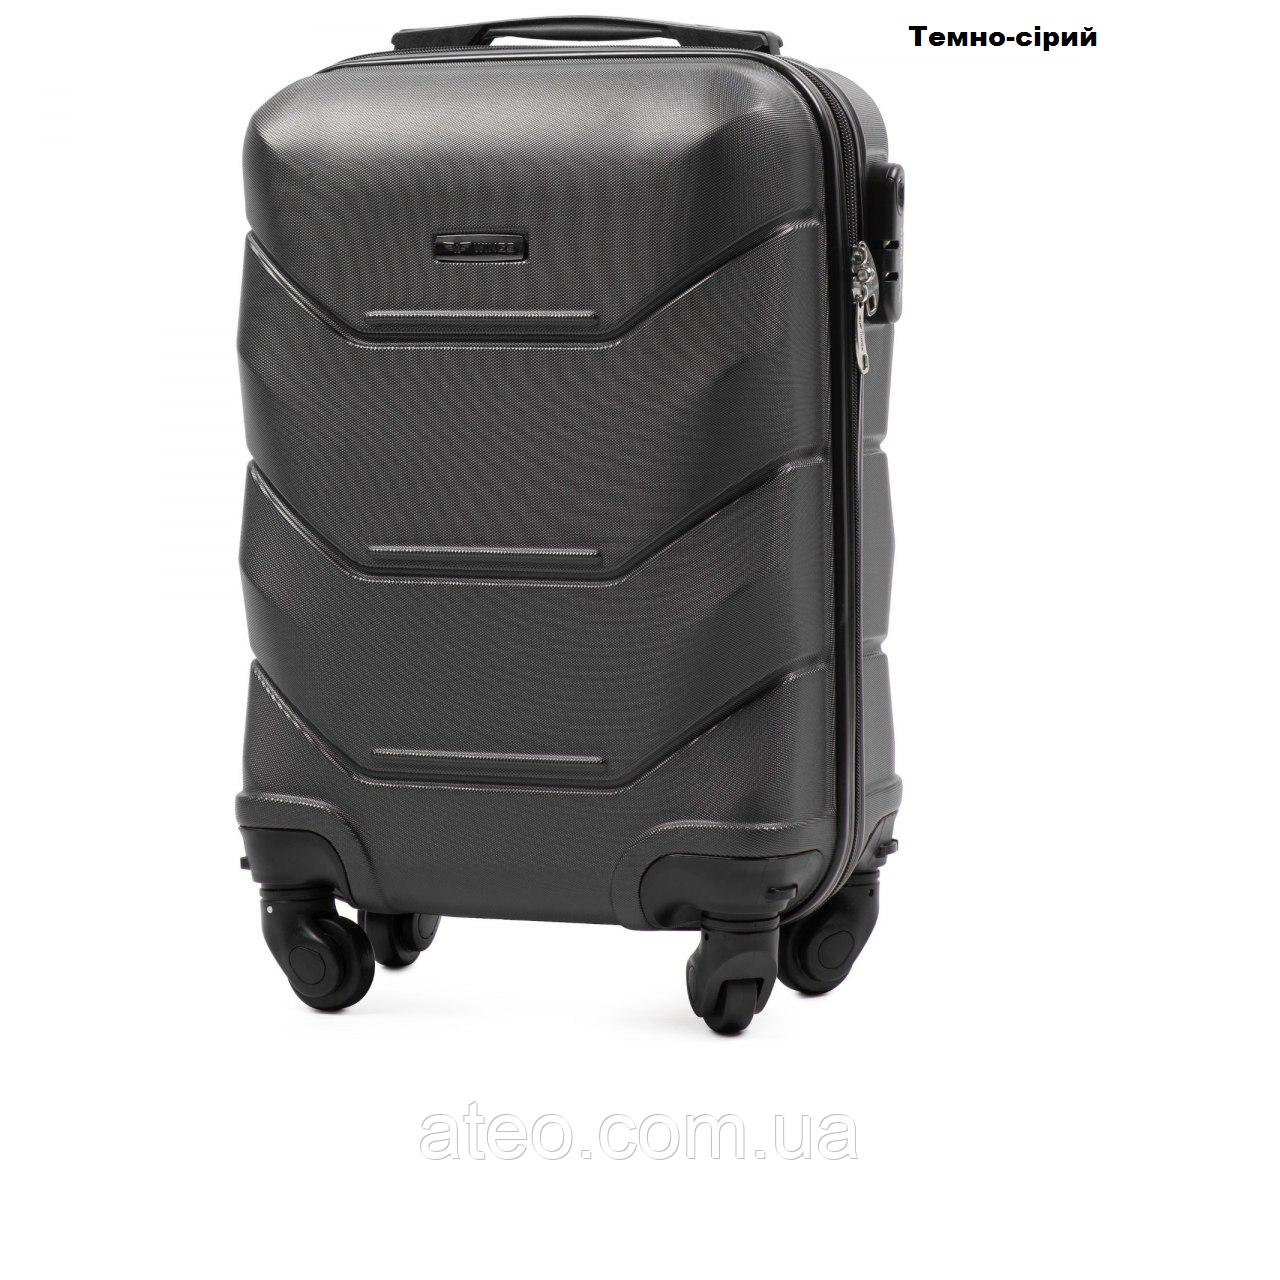 Середній кабиновий чемодан Wings L 147-Z, 65 x 43 x 26 cм / Емкость: 72 л